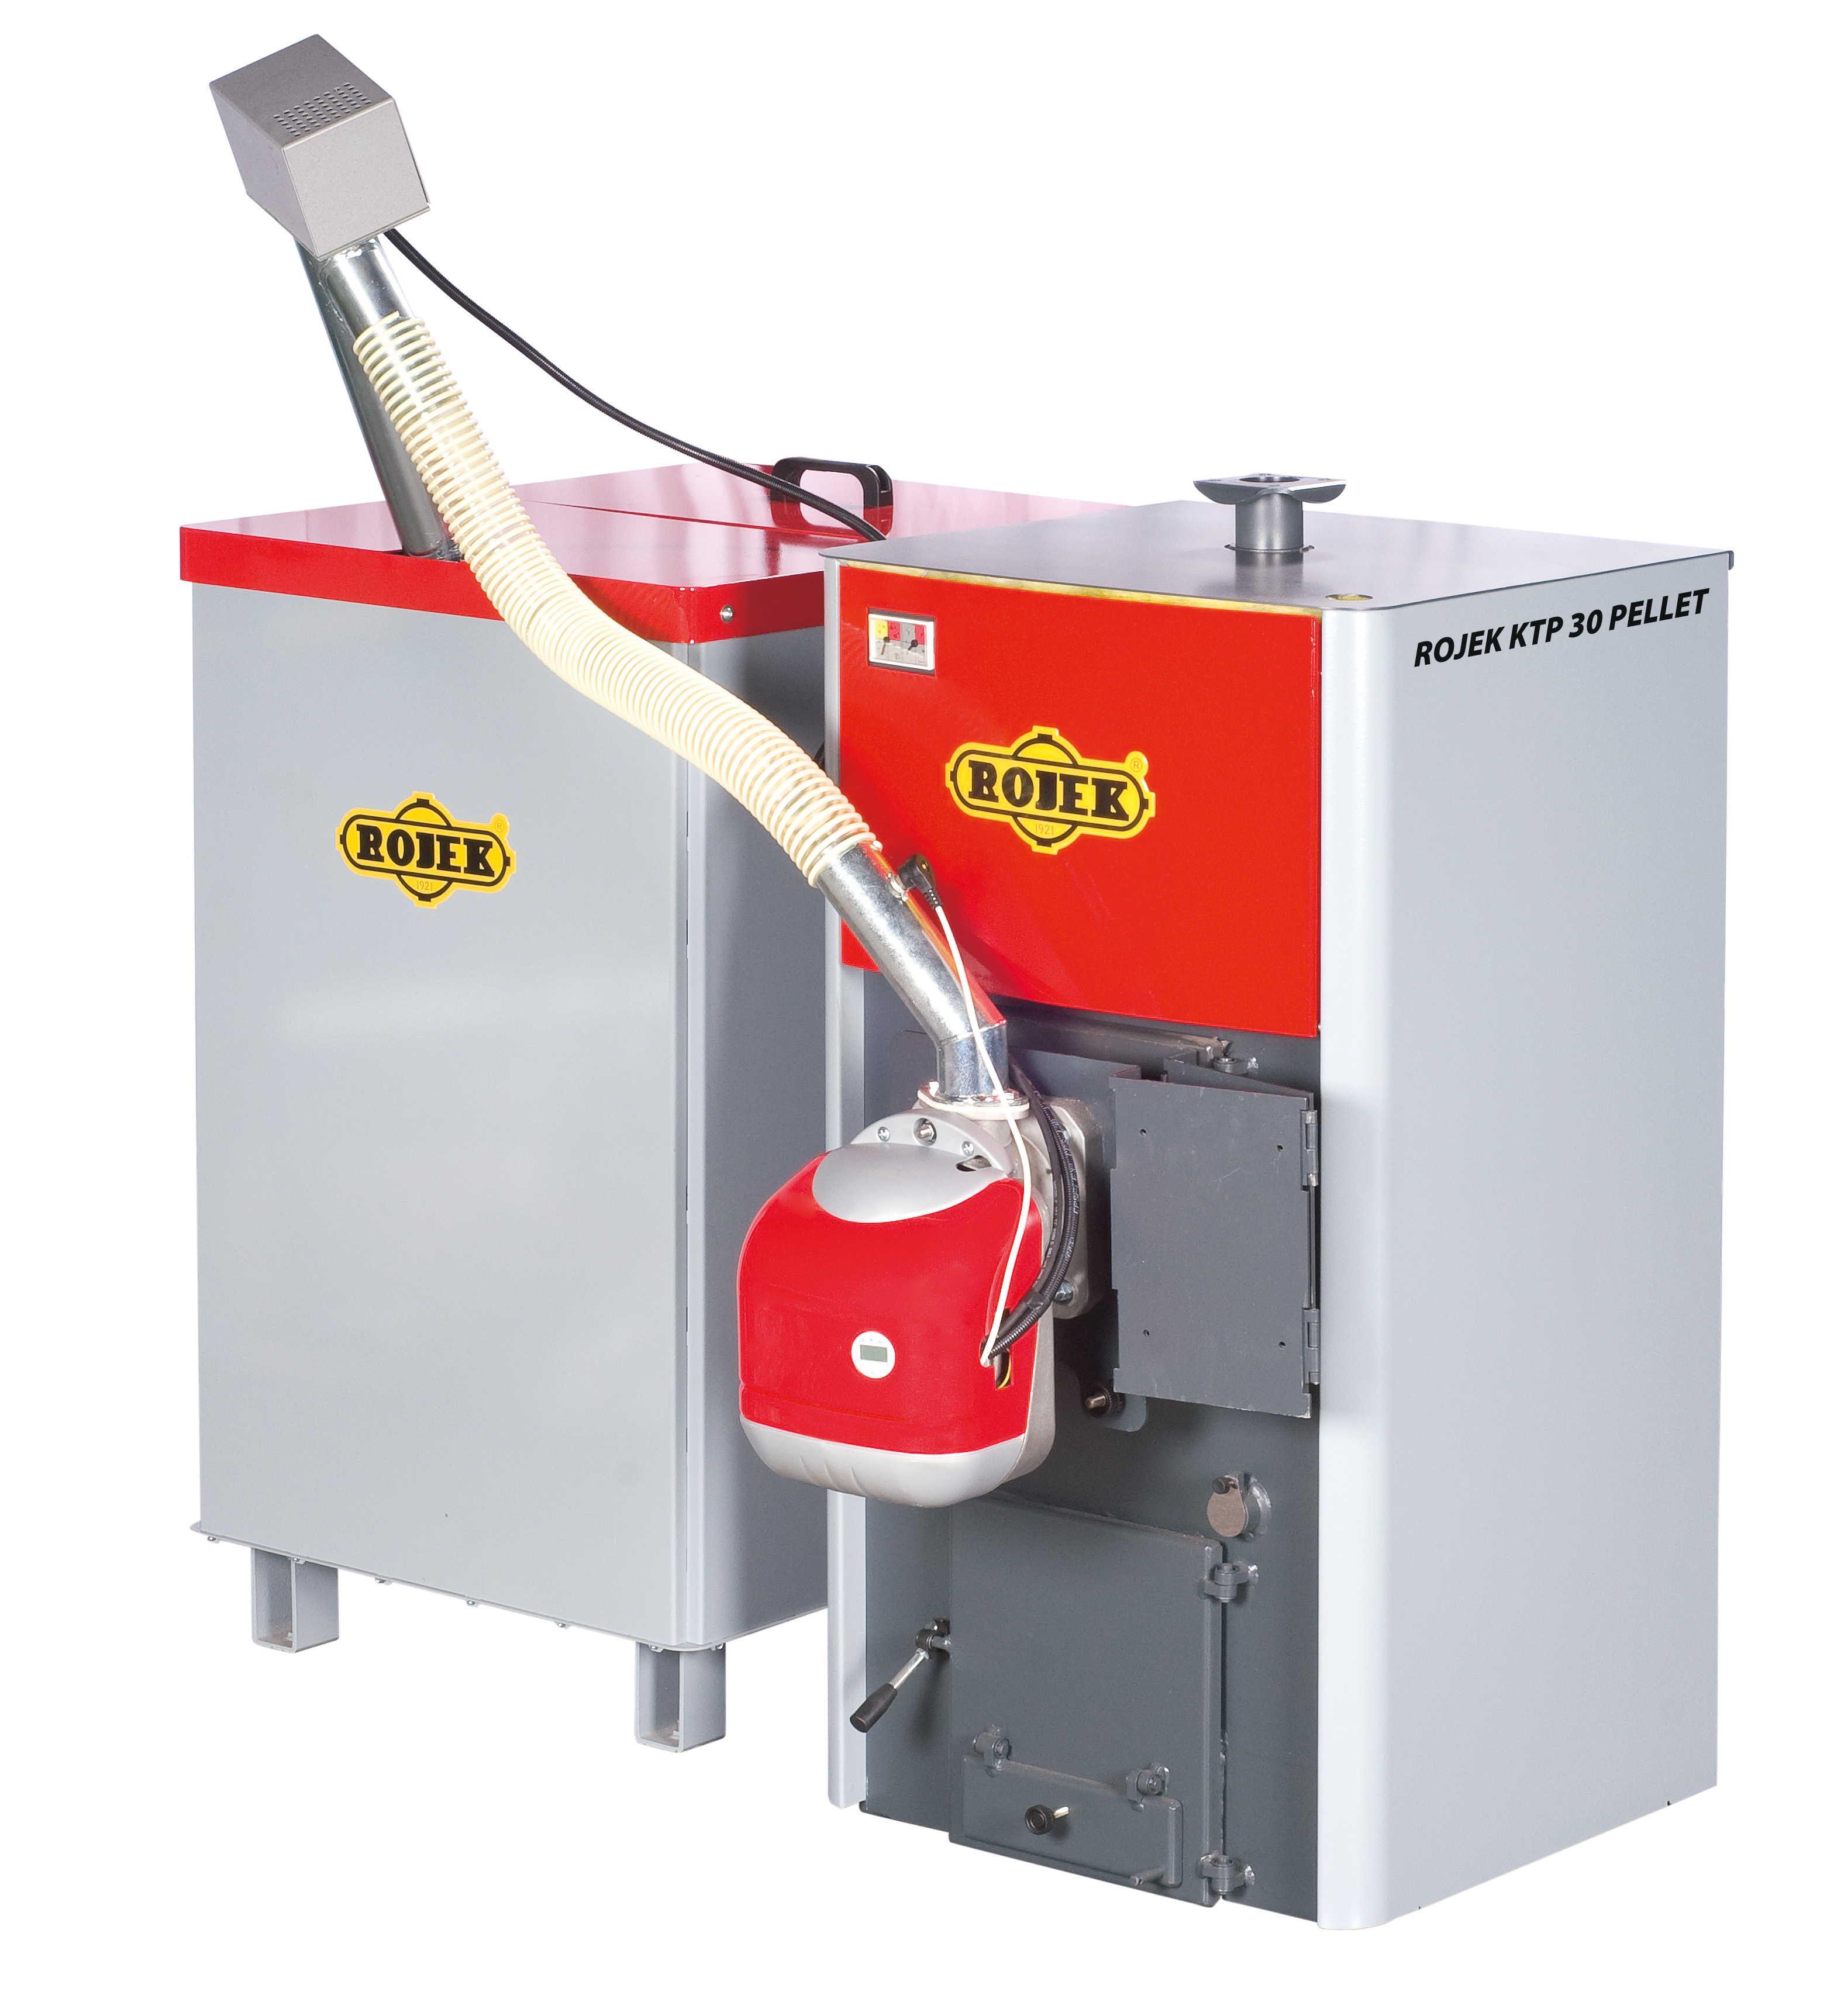 KTP 30 PELLET - automatický teplovodní kotel na dřevěné pelety